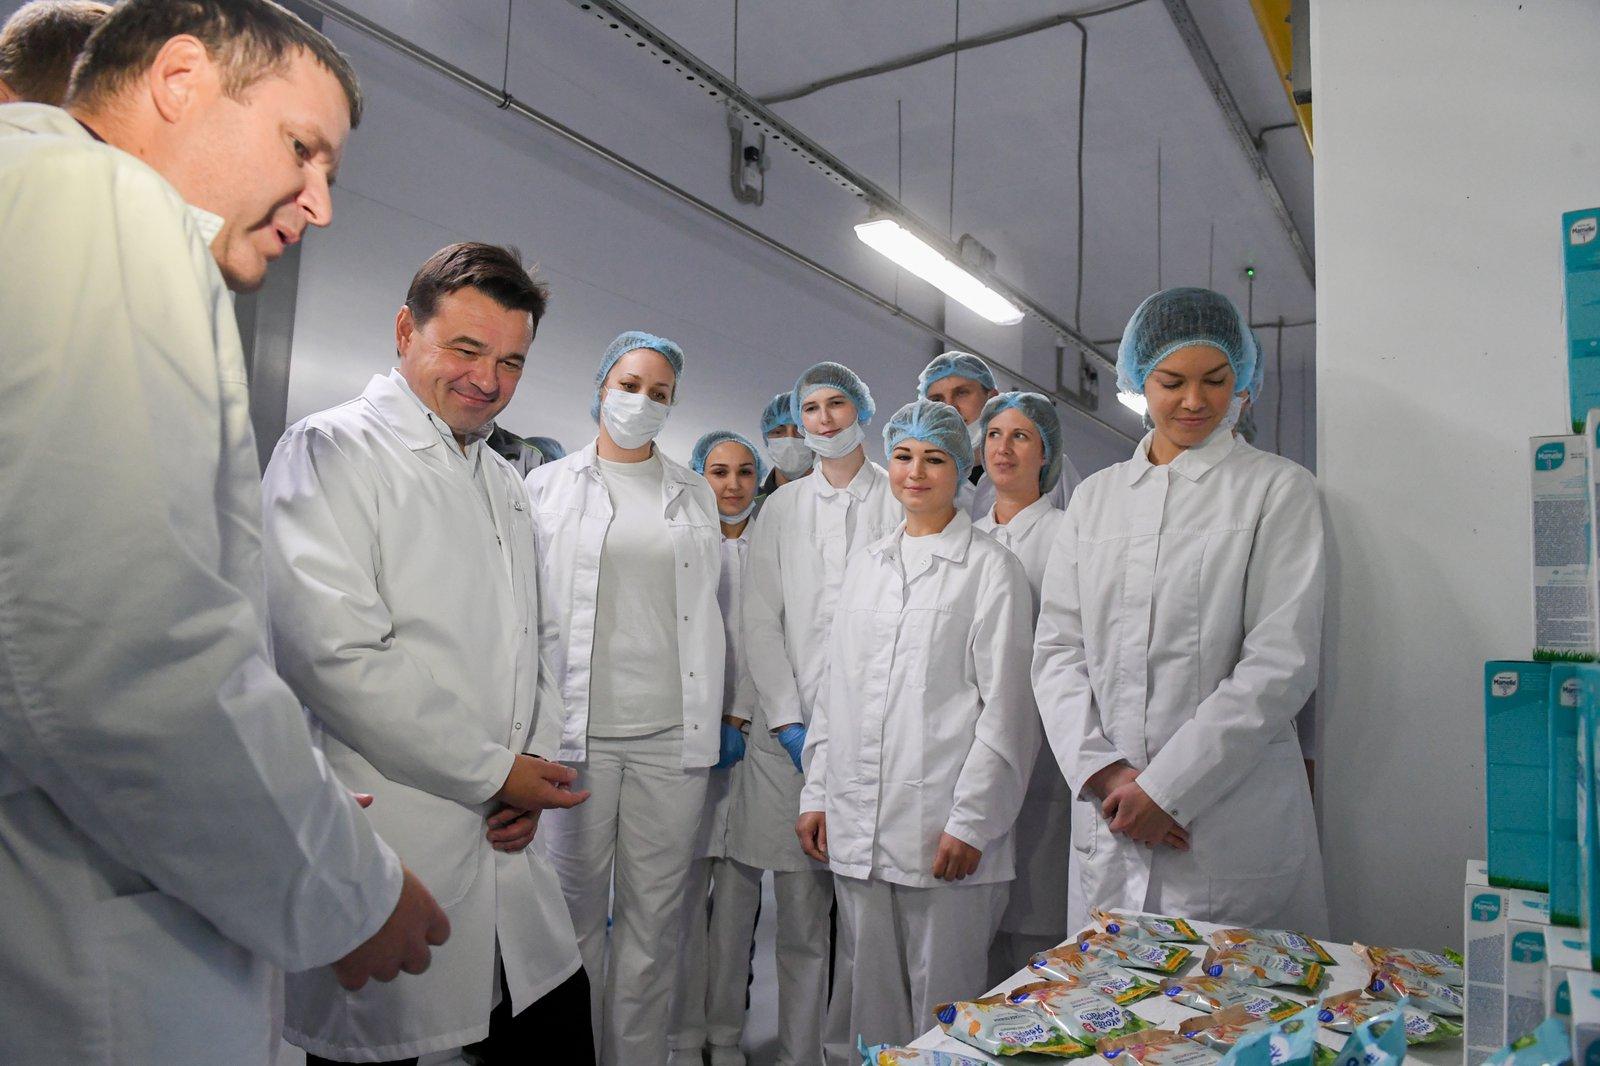 Андрей Воробьев губернатор московской области - Бизнес для людей: в индустриальном парке «Богородский» запустили новое производство